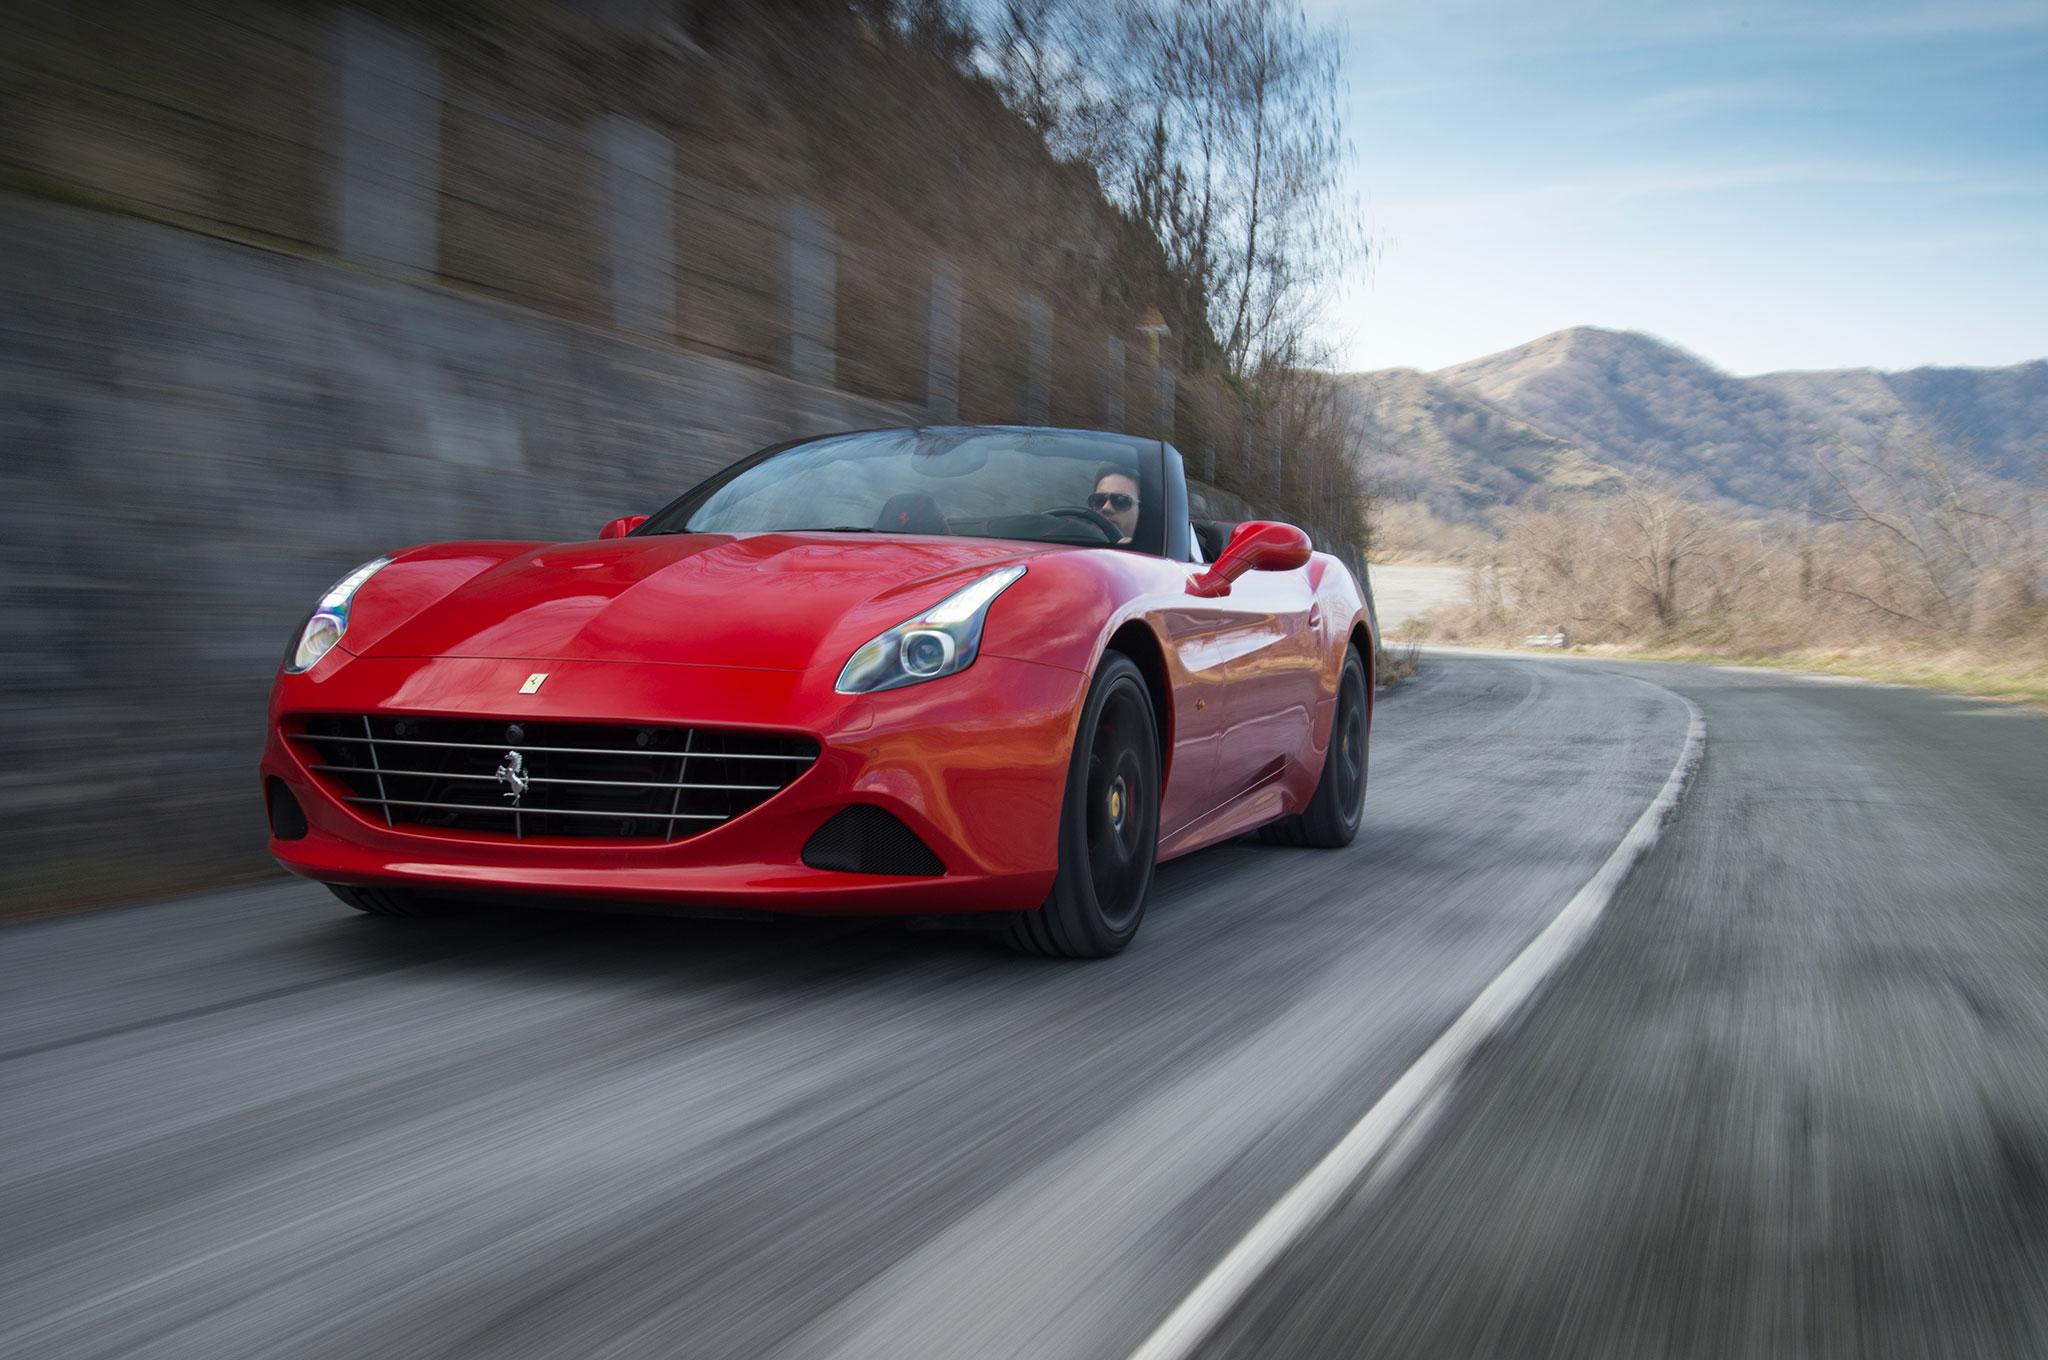 2016 Ferrari California T Handling Speciale Front Three Quarter In Motion 01